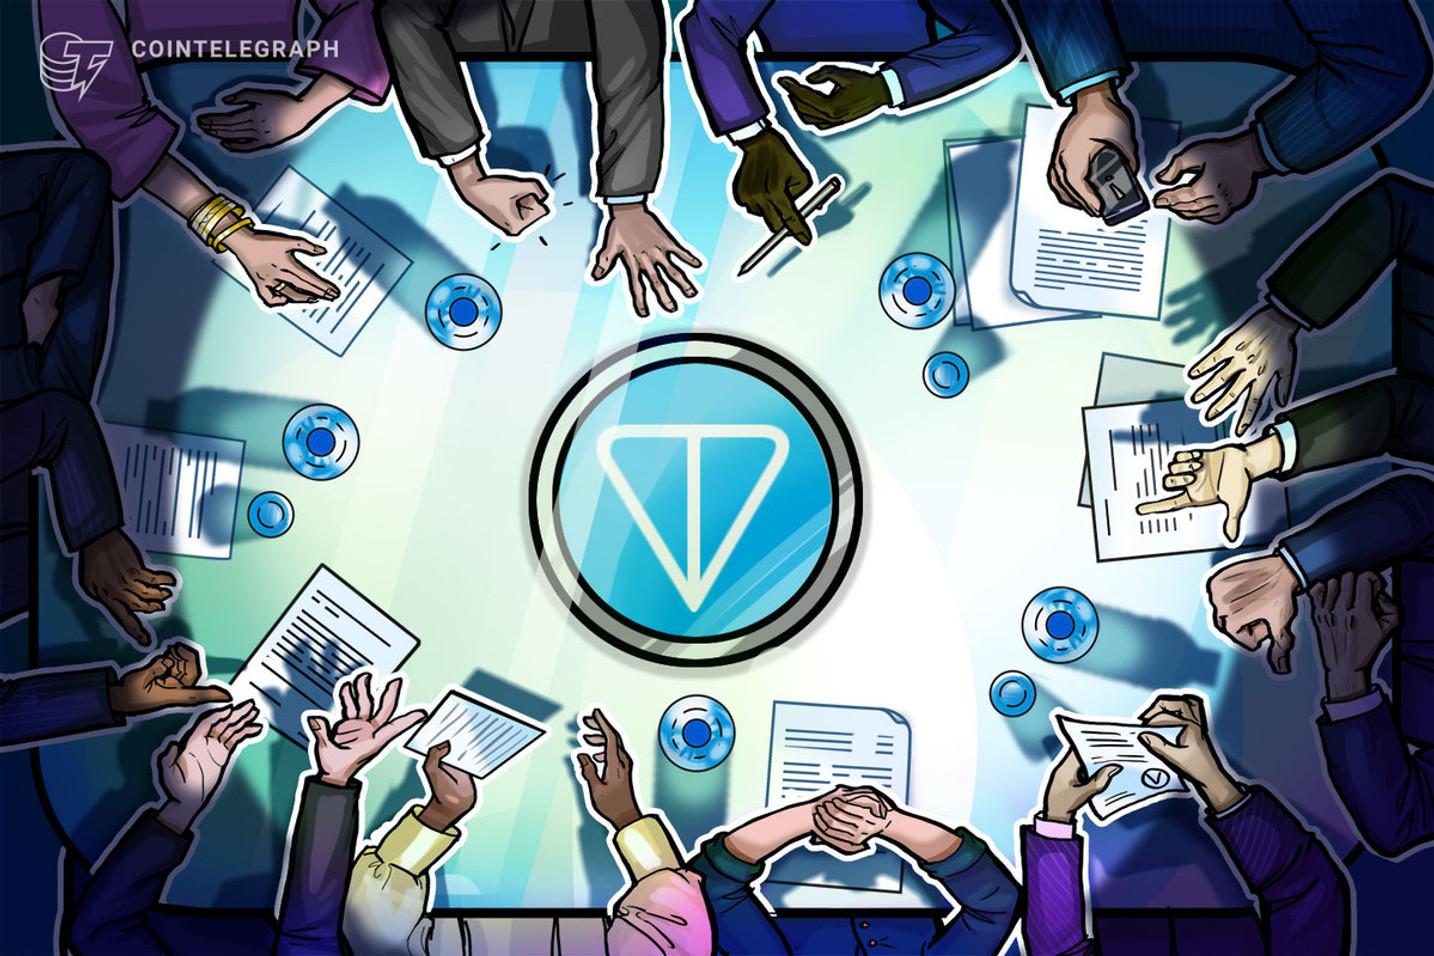 Investidores da TON do Telegram votam contra reembolso em meio à investigação da SEC, diz reportagem